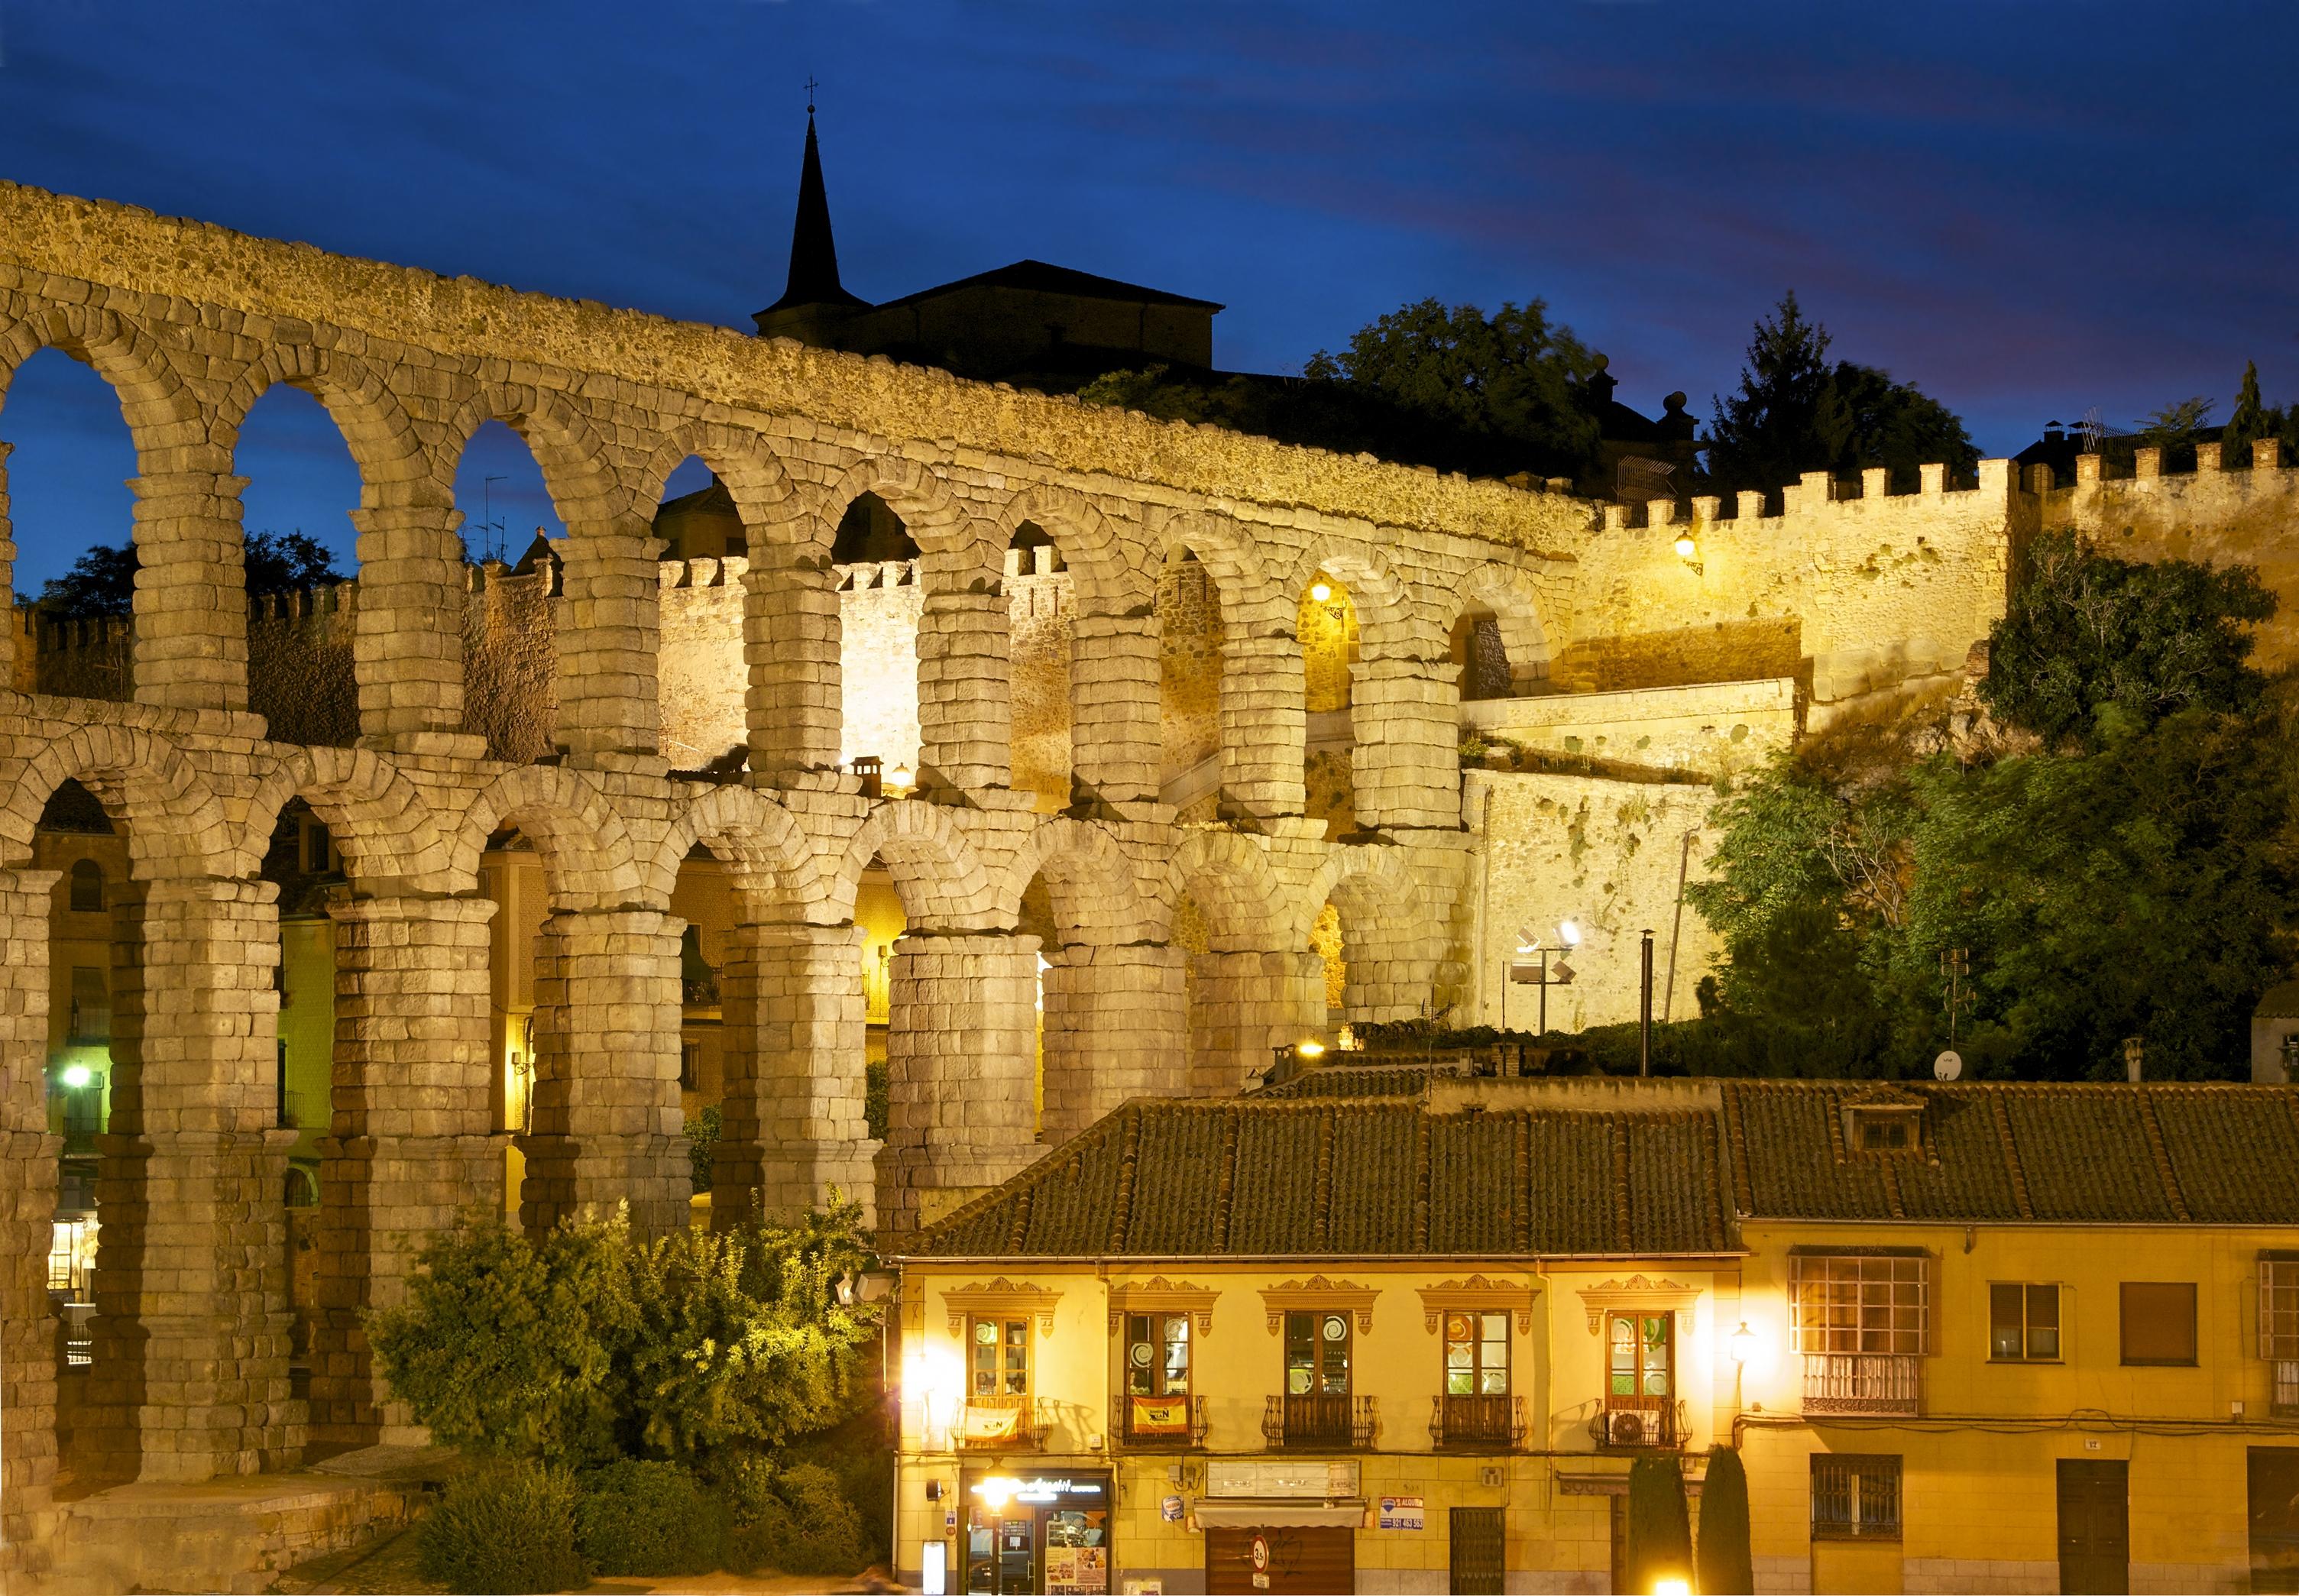 Segovia Spain  city photos gallery : Aqueduct city wall Segovia night Wikimedia Commons